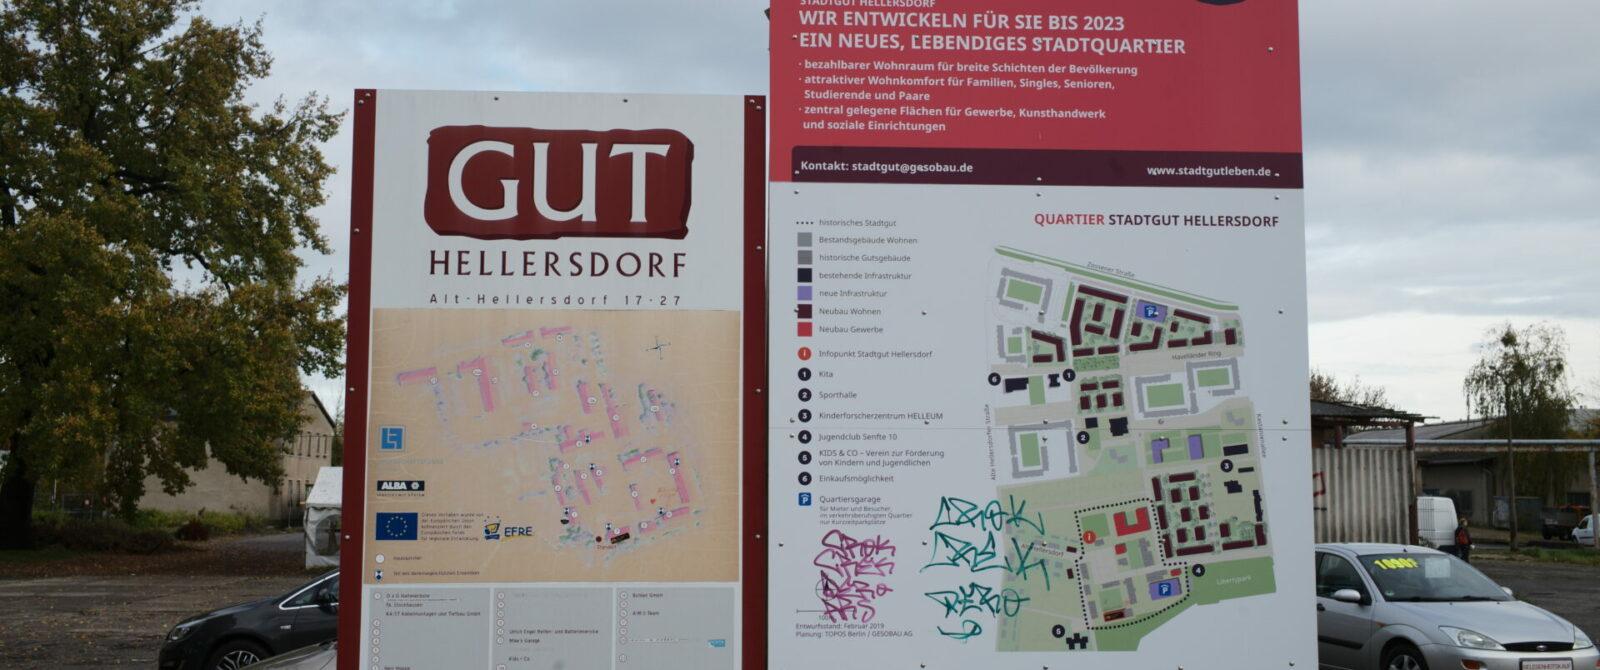 Stadtgut Hellersdorf